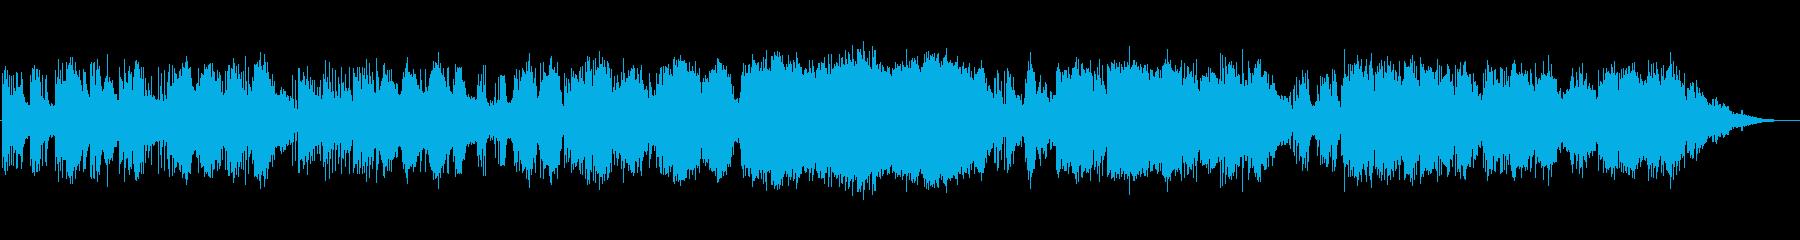 静かなピアノ即興演奏の再生済みの波形